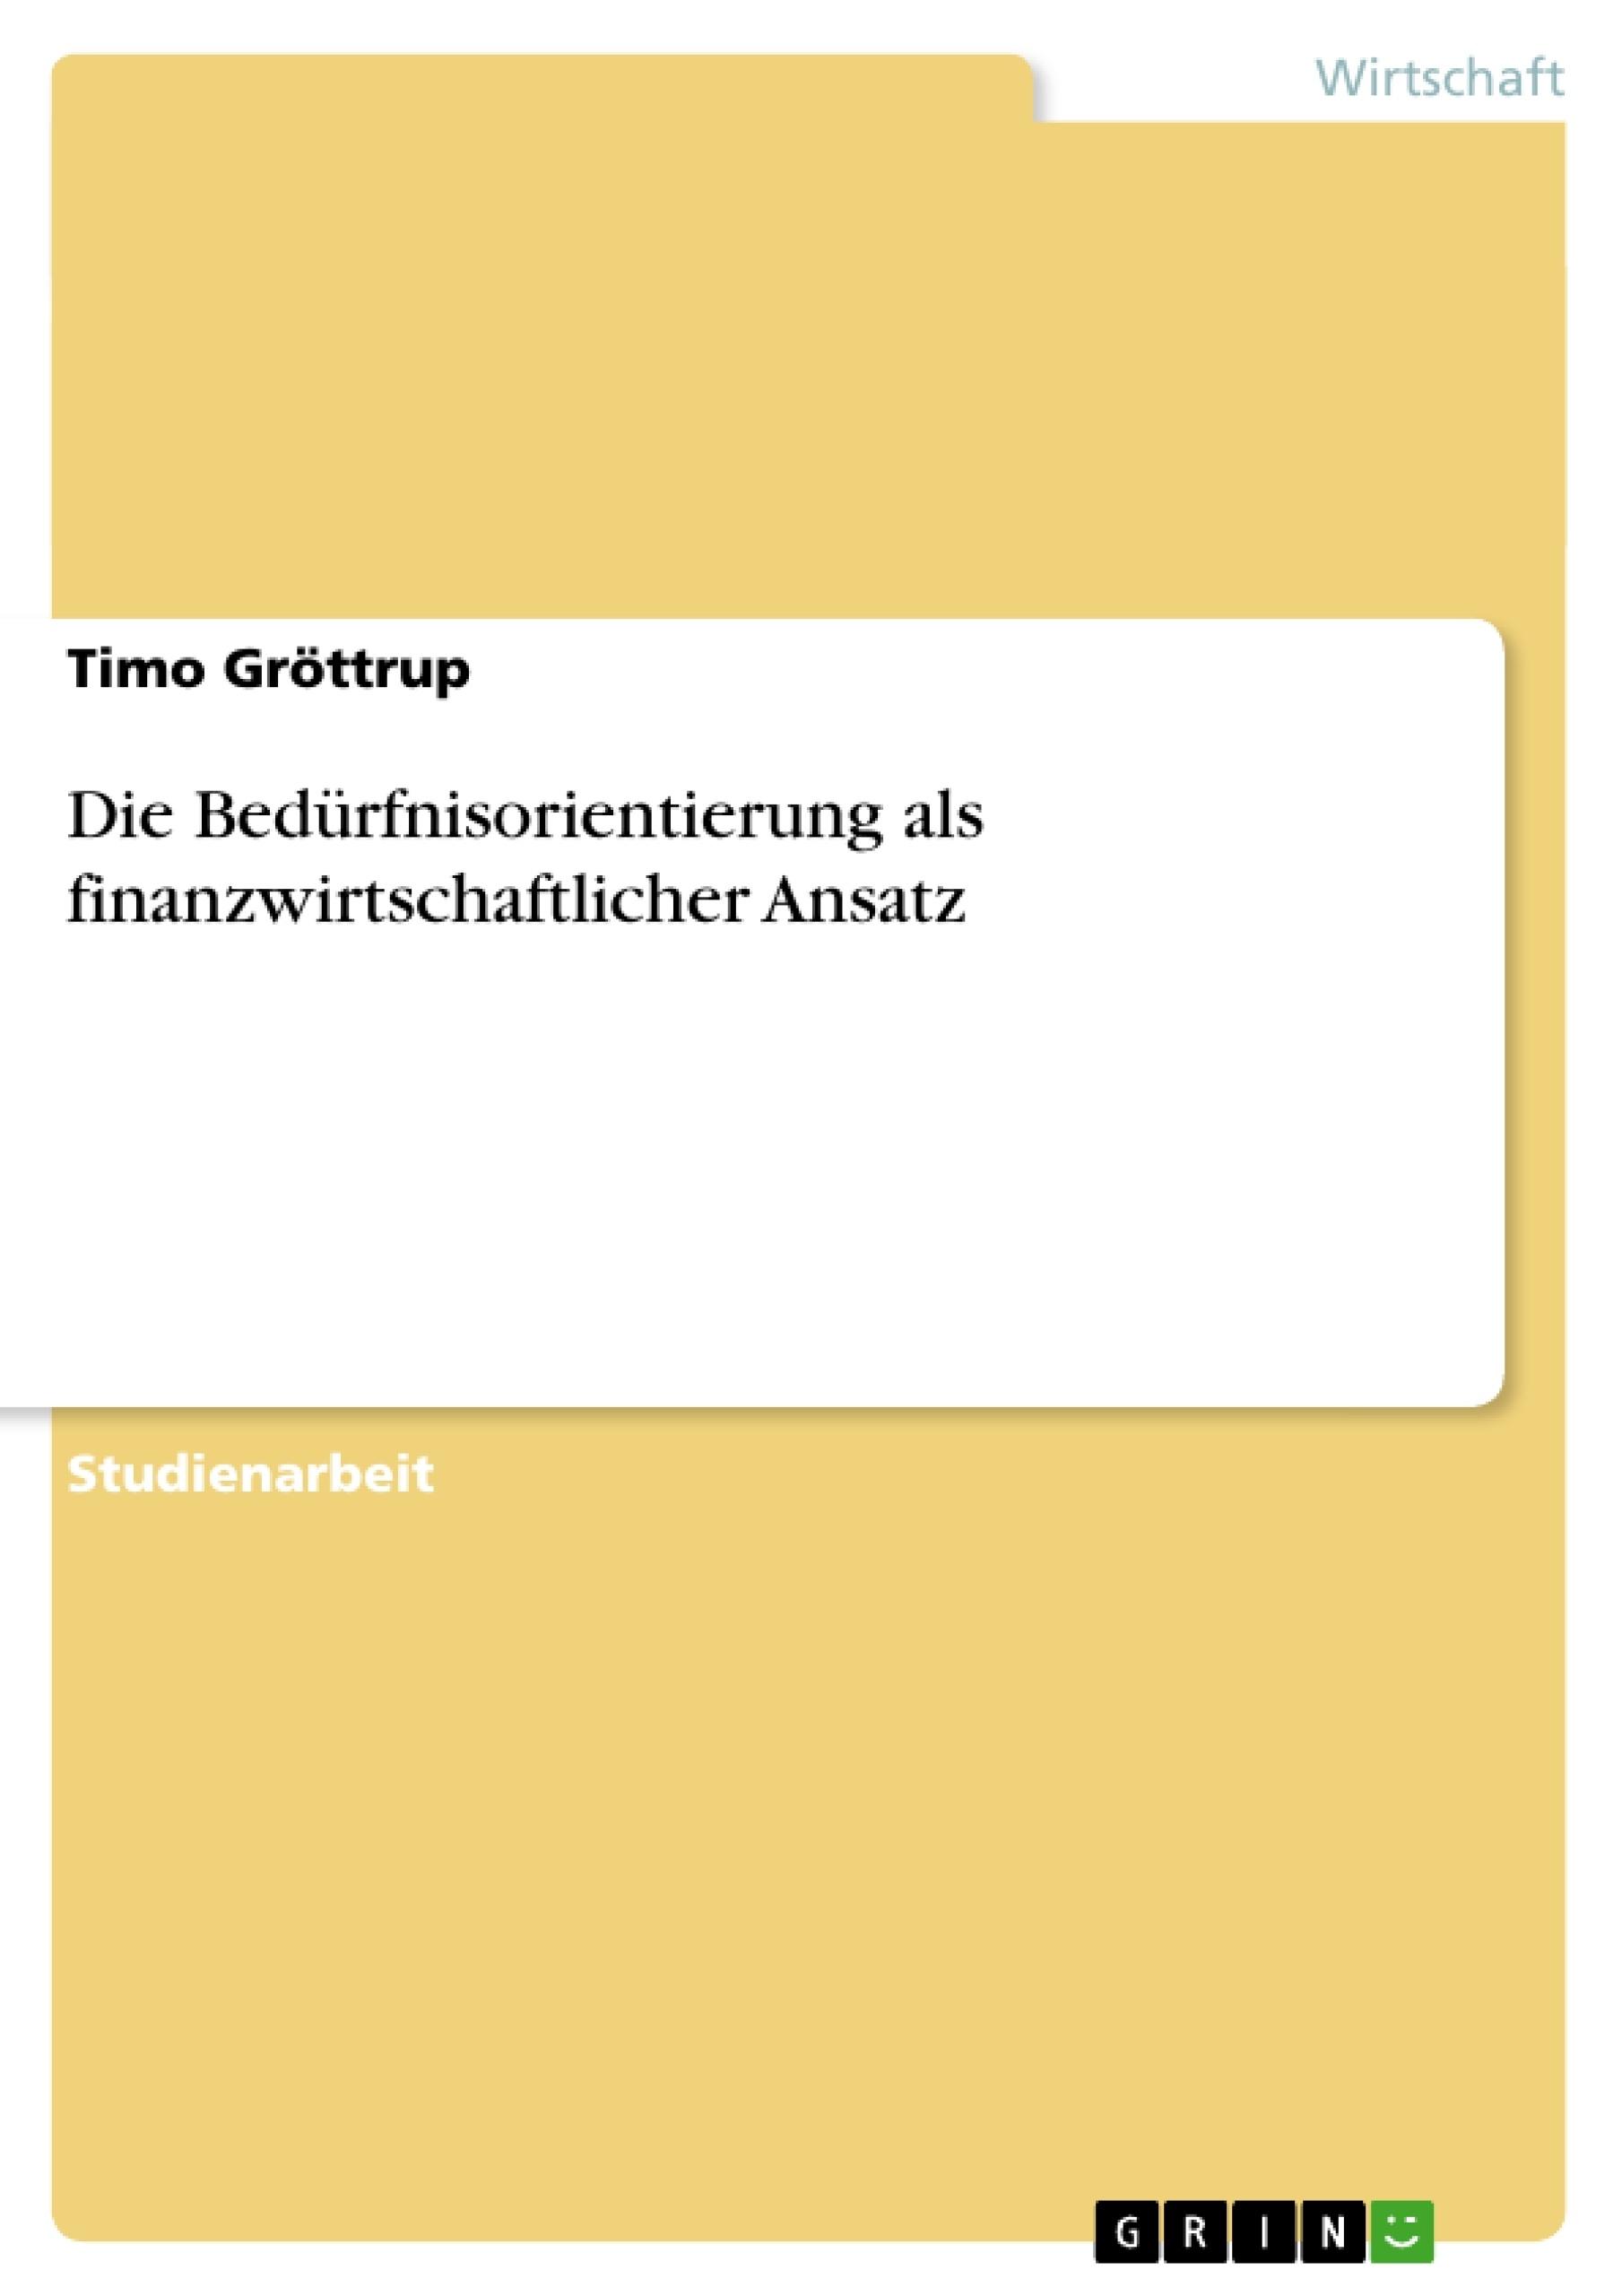 Titel: Die Bedürfnisorientierung als finanzwirtschaftlicher Ansatz